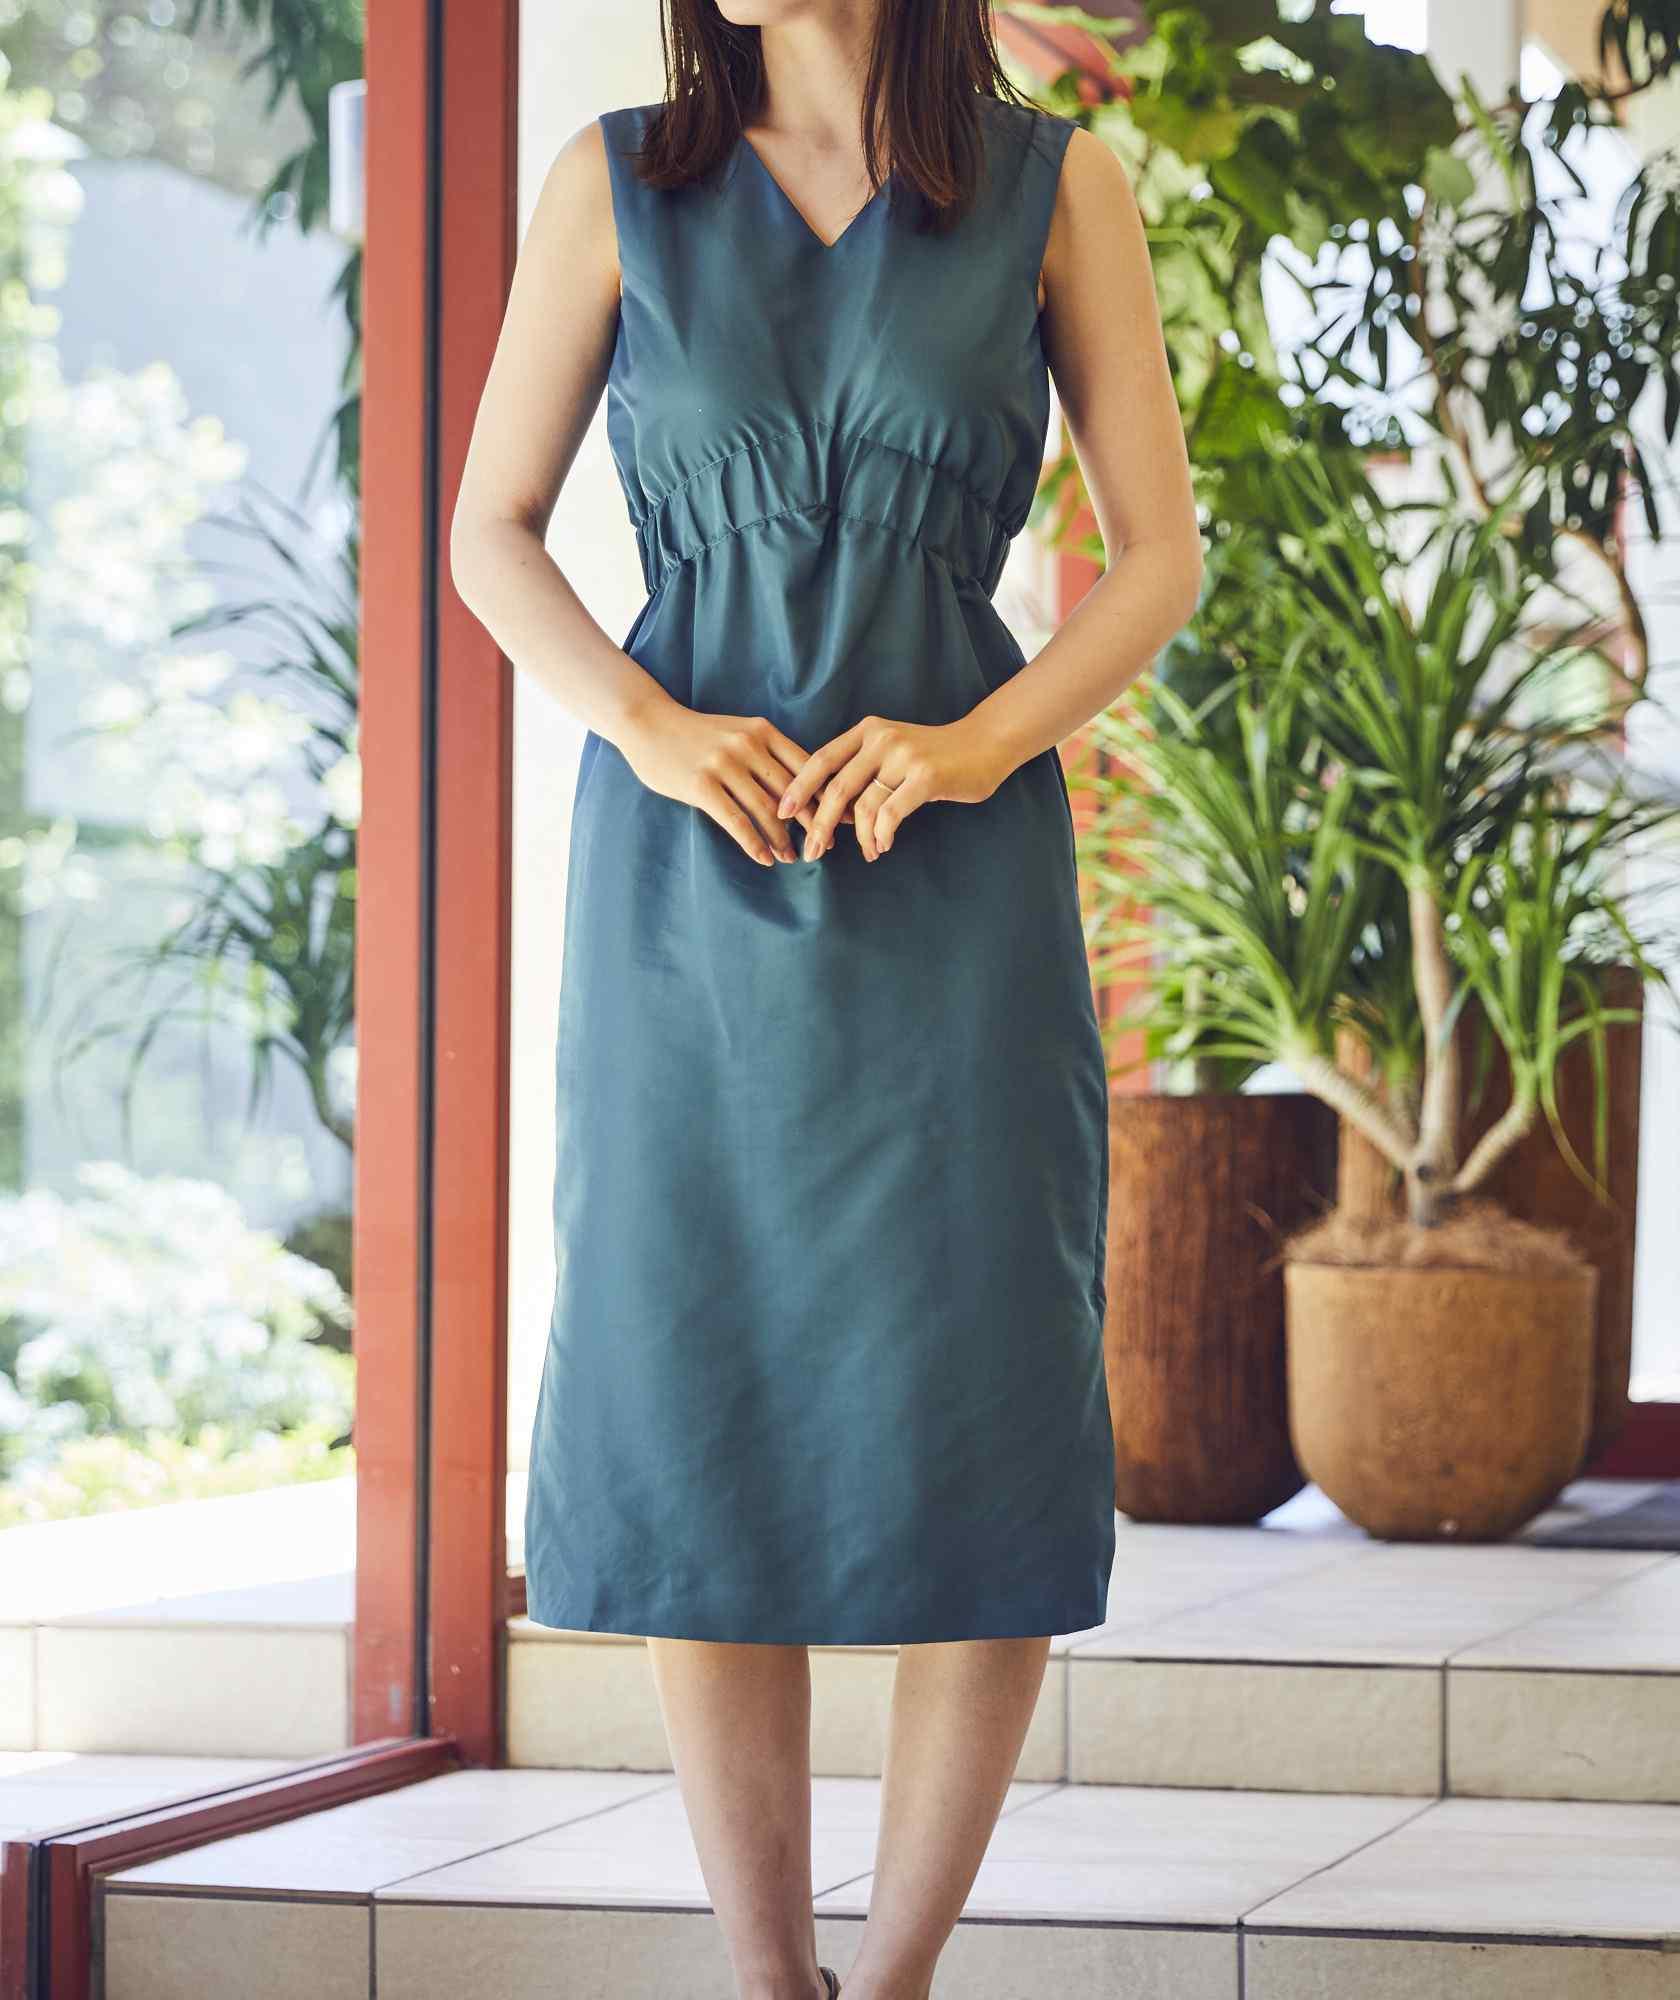 VネックシャーリングOGタイトミディアムドレス-グリーン-S